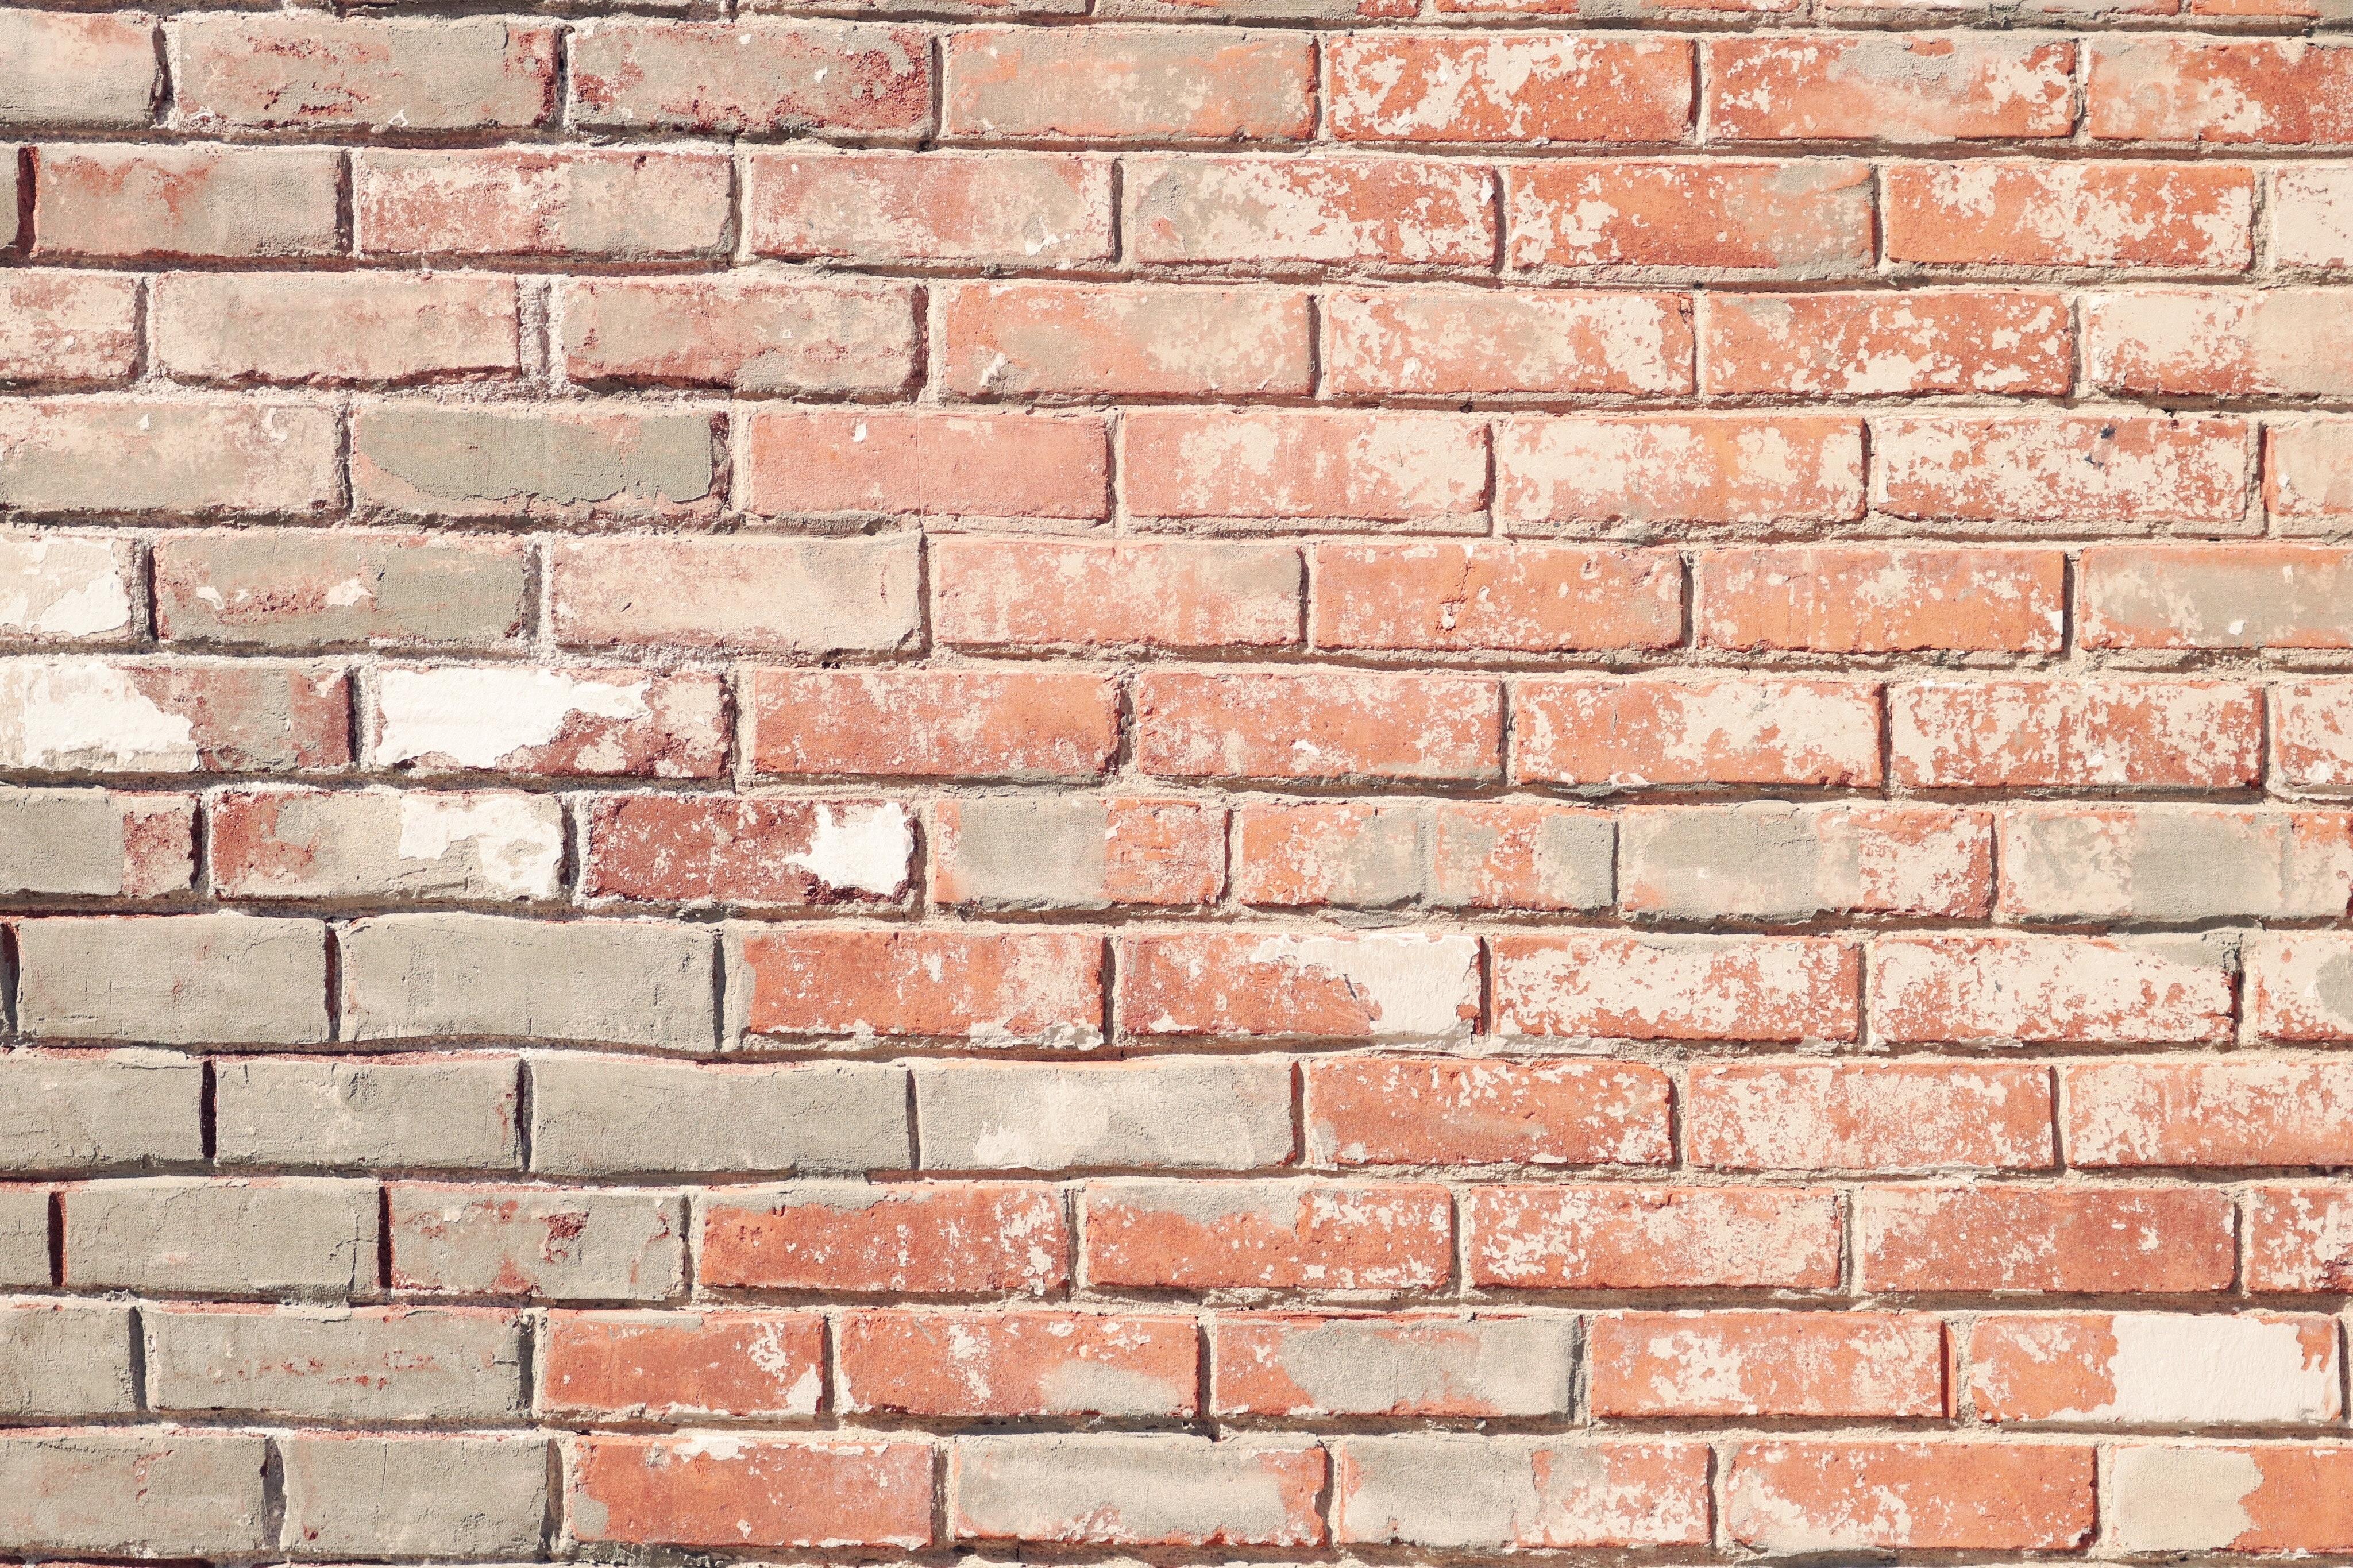 Wall Bricks 183 Free Stock Photo